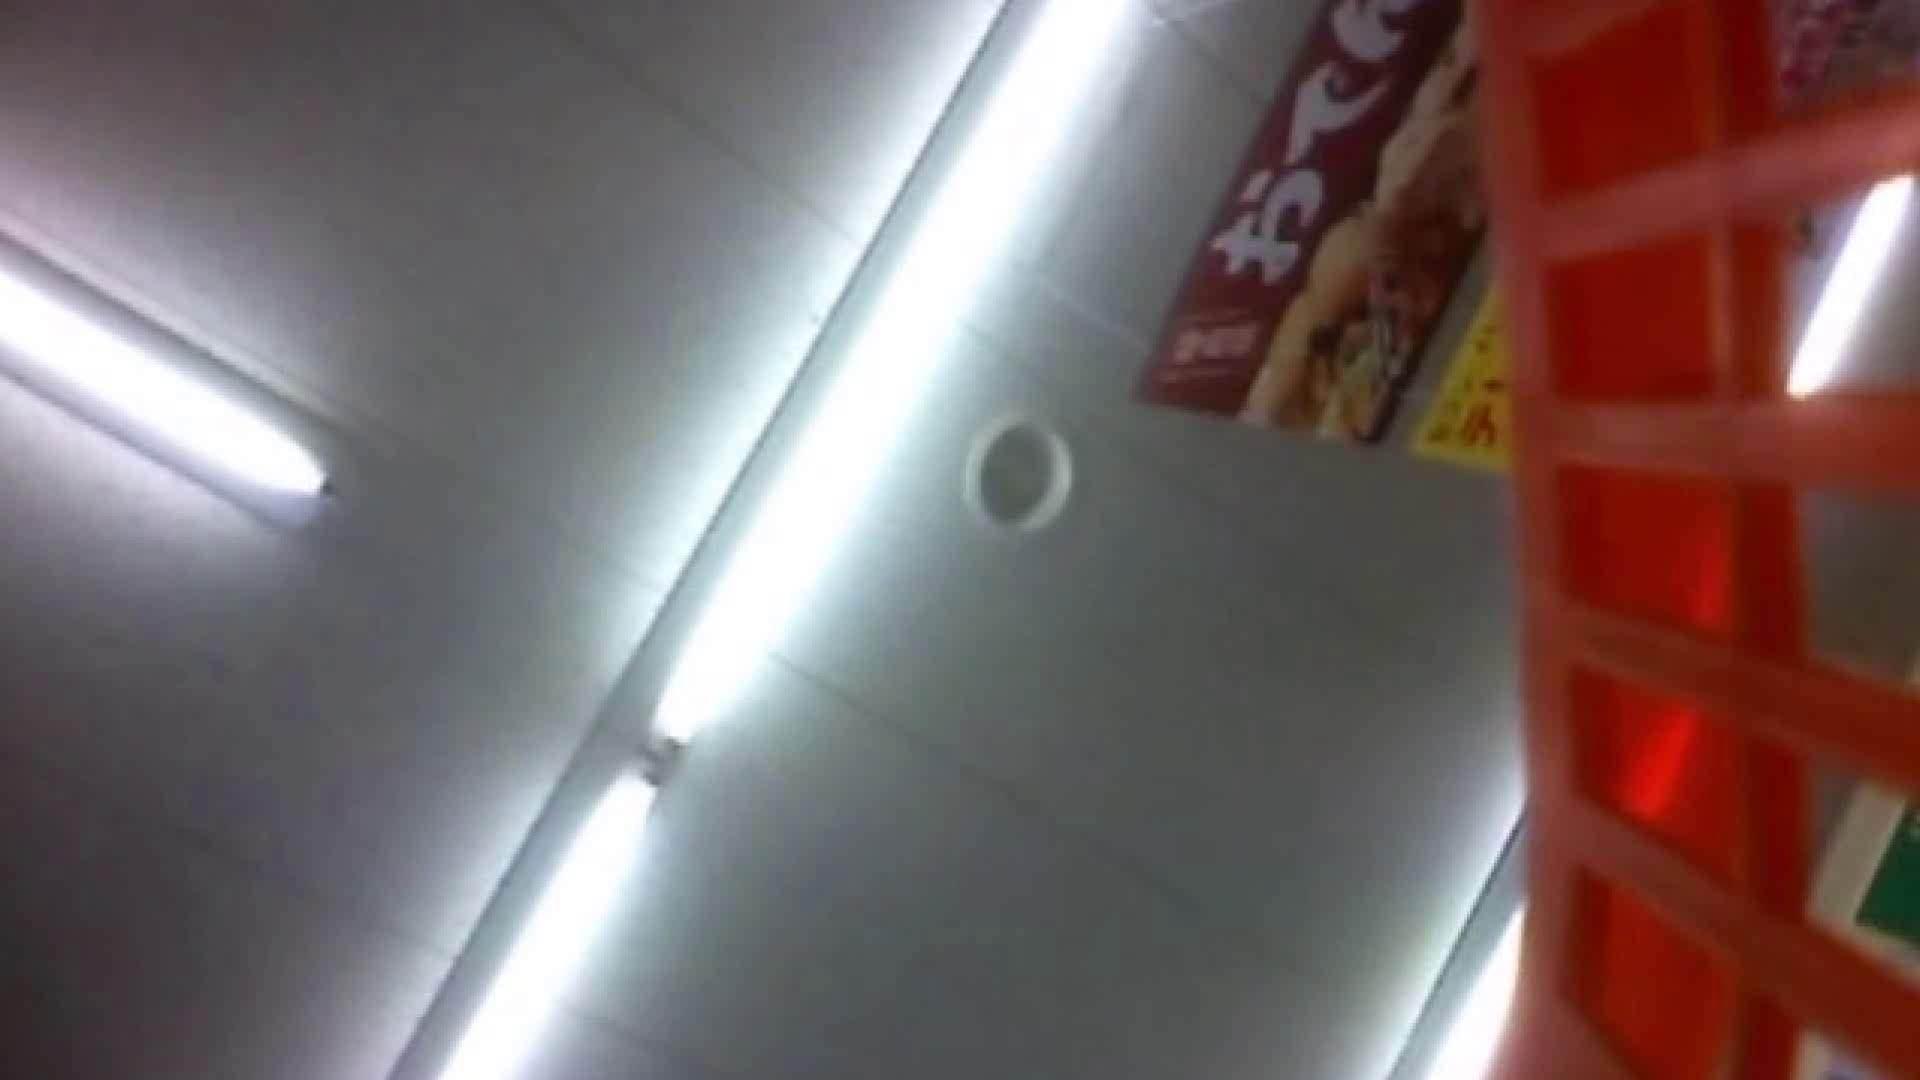 真剣に買い物中のgal達を上から下から狙います。vol.10 OLのエロ生活  61連発 24